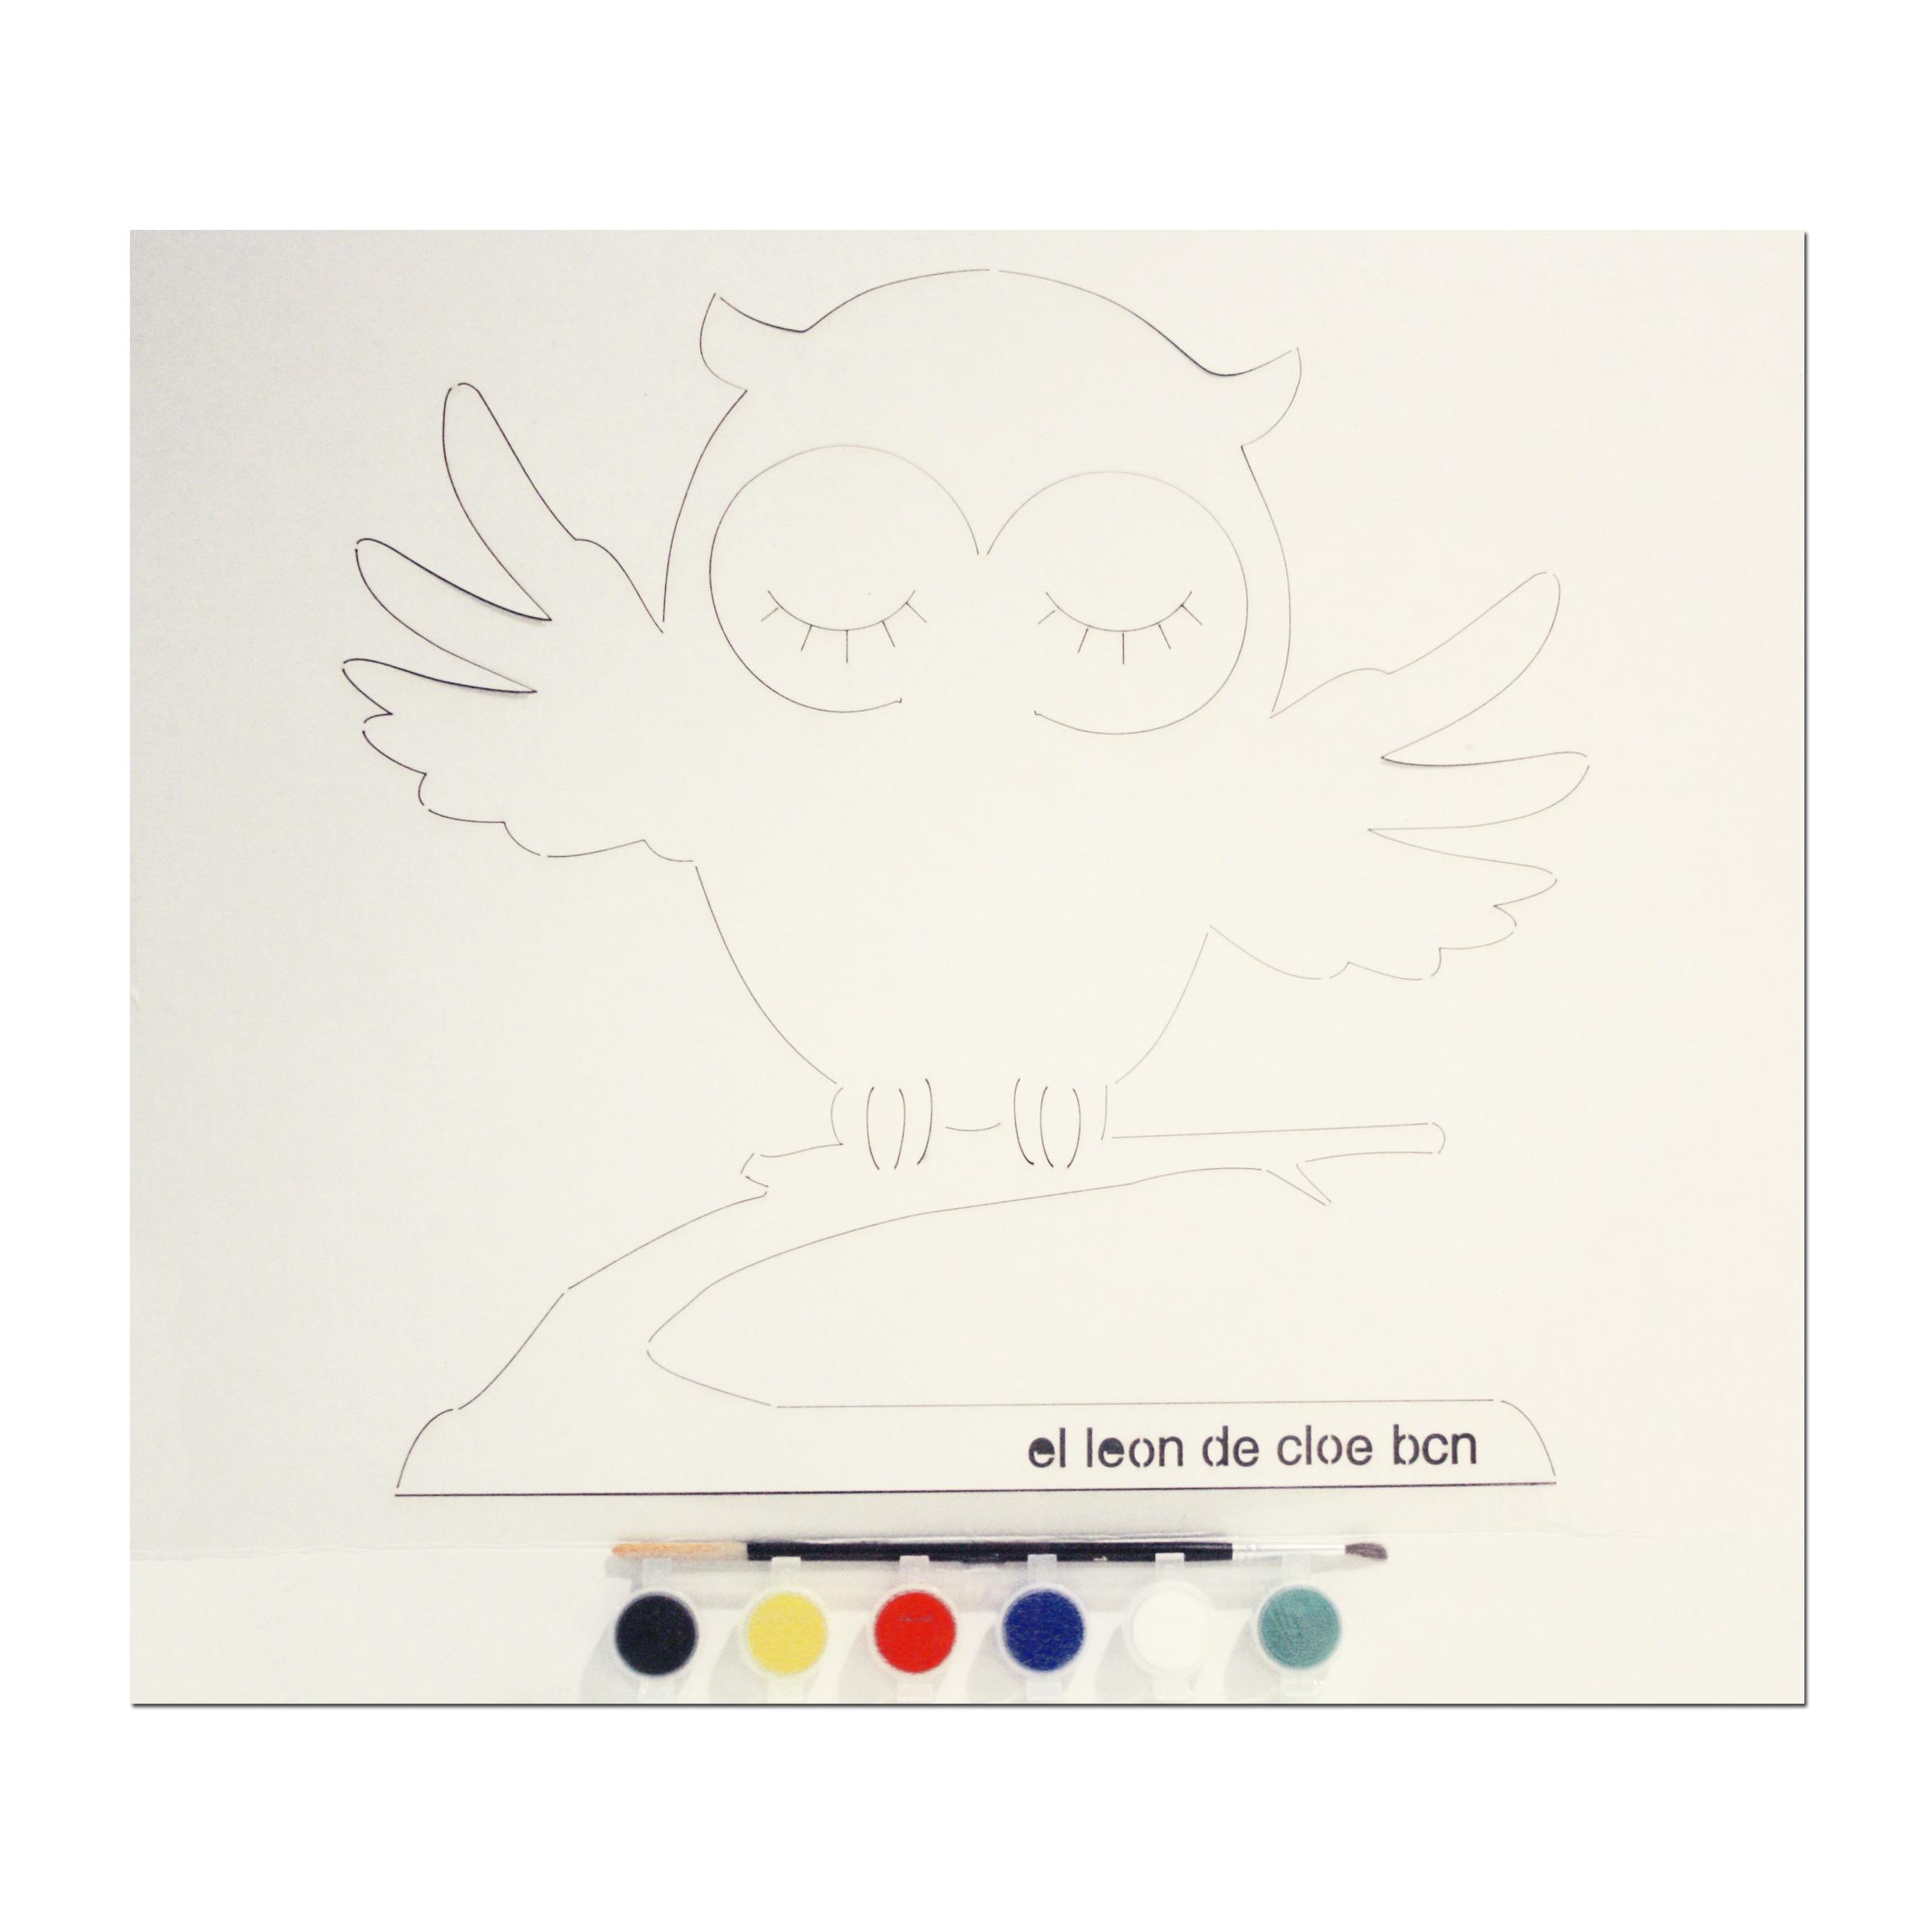 Kit de pintar Búho del León de Cloe. El regalo perfecto para cualquier niño.